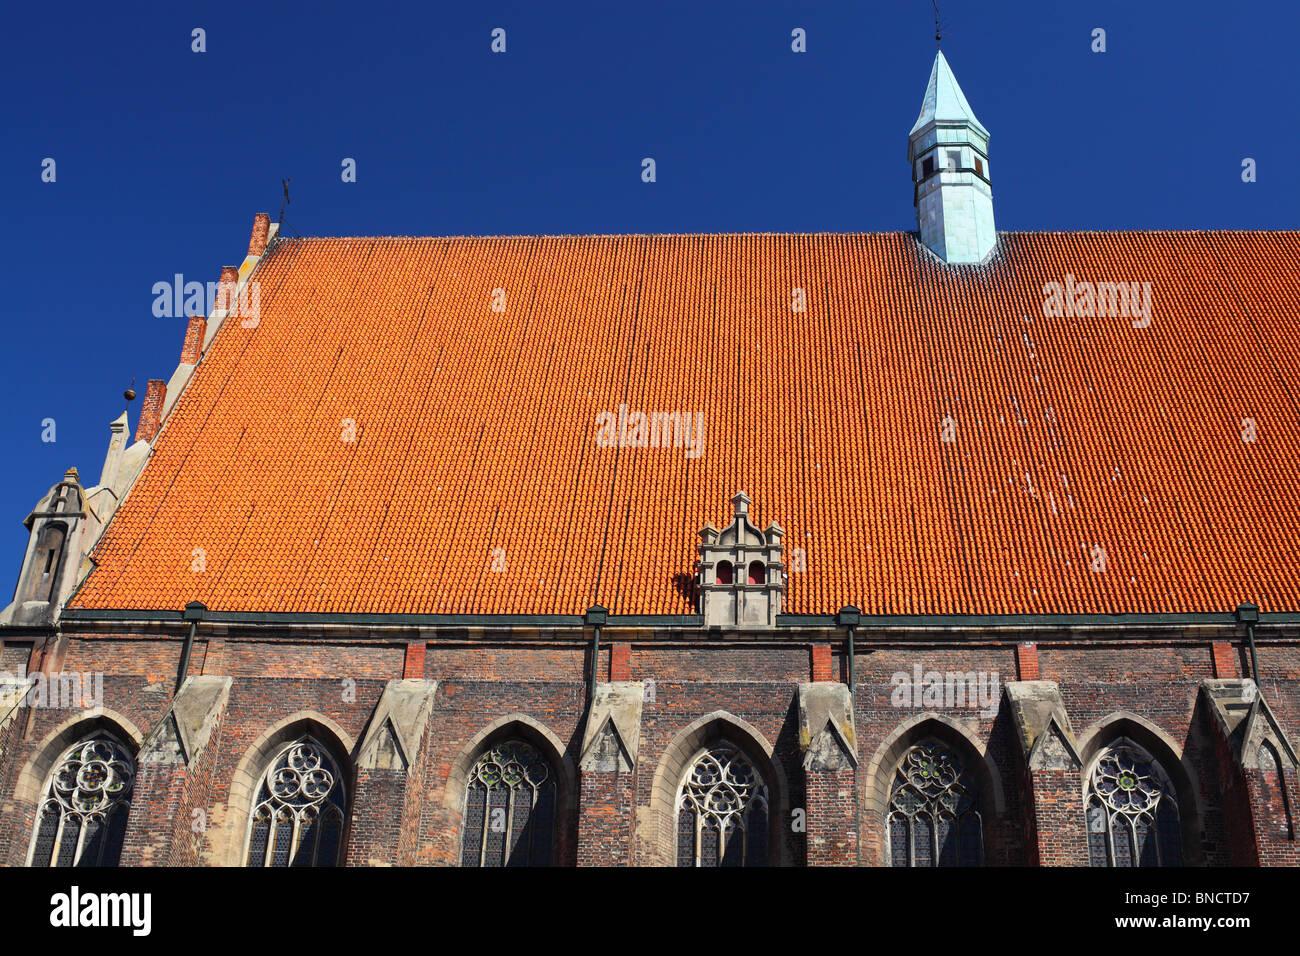 Schön St Francis Färbung Seite Galerie - Druckbare Malvorlagen ...